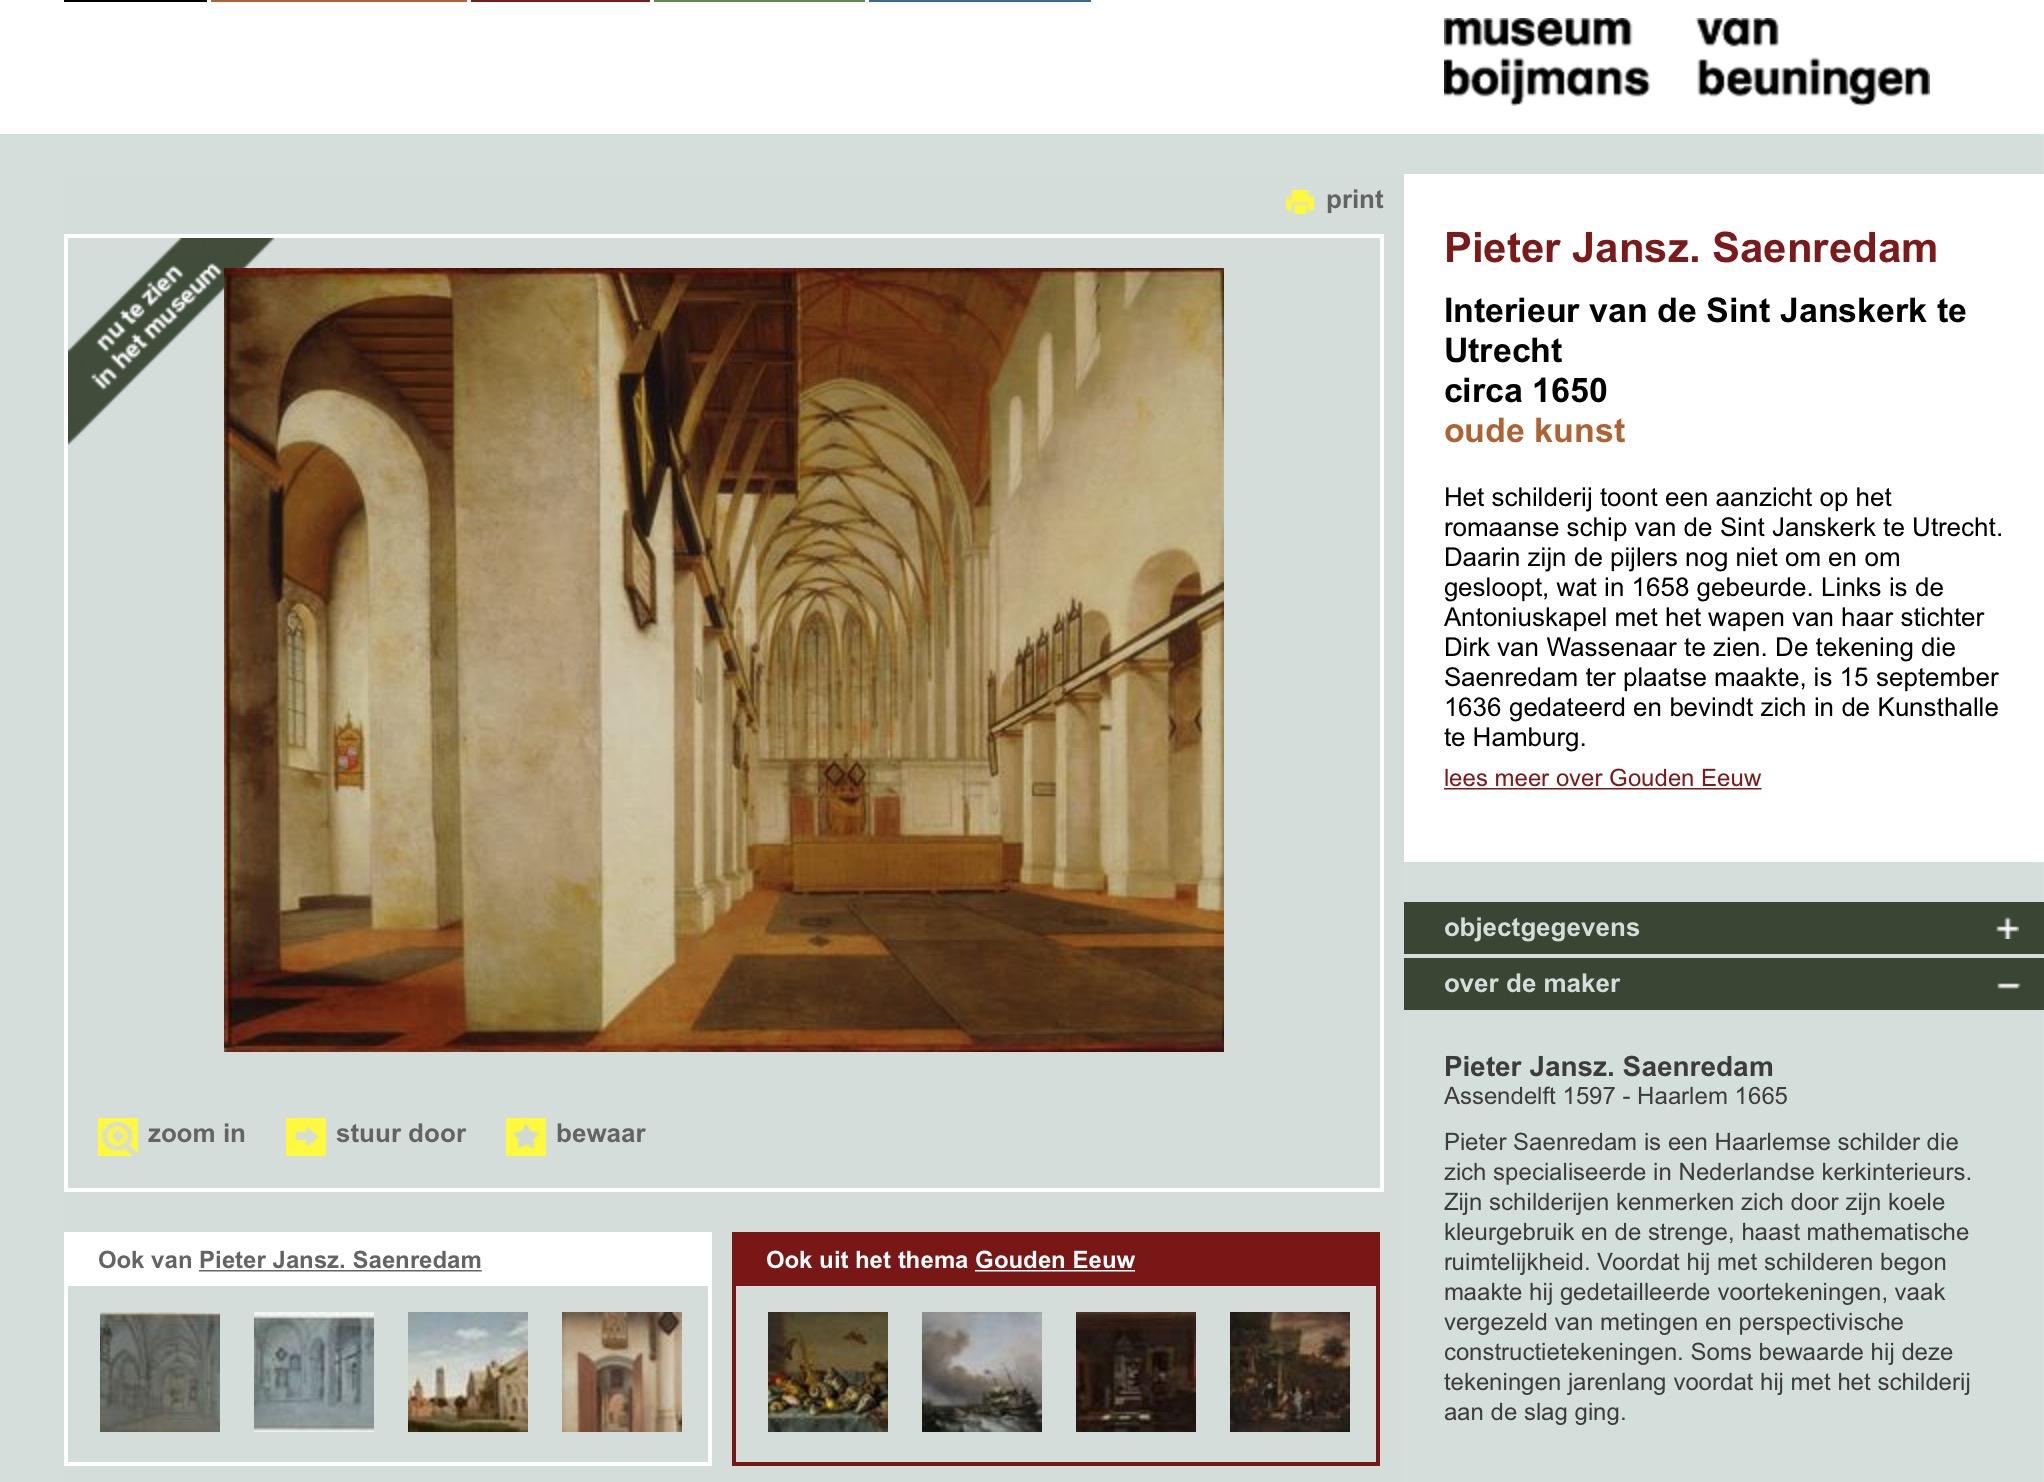 Screenshot van de website van museum Bojmans van Beuningen waarop een schilderij van de Janskerk in Utrecht te zien is van Pieter Jansz. Saenredam uit ca 1650